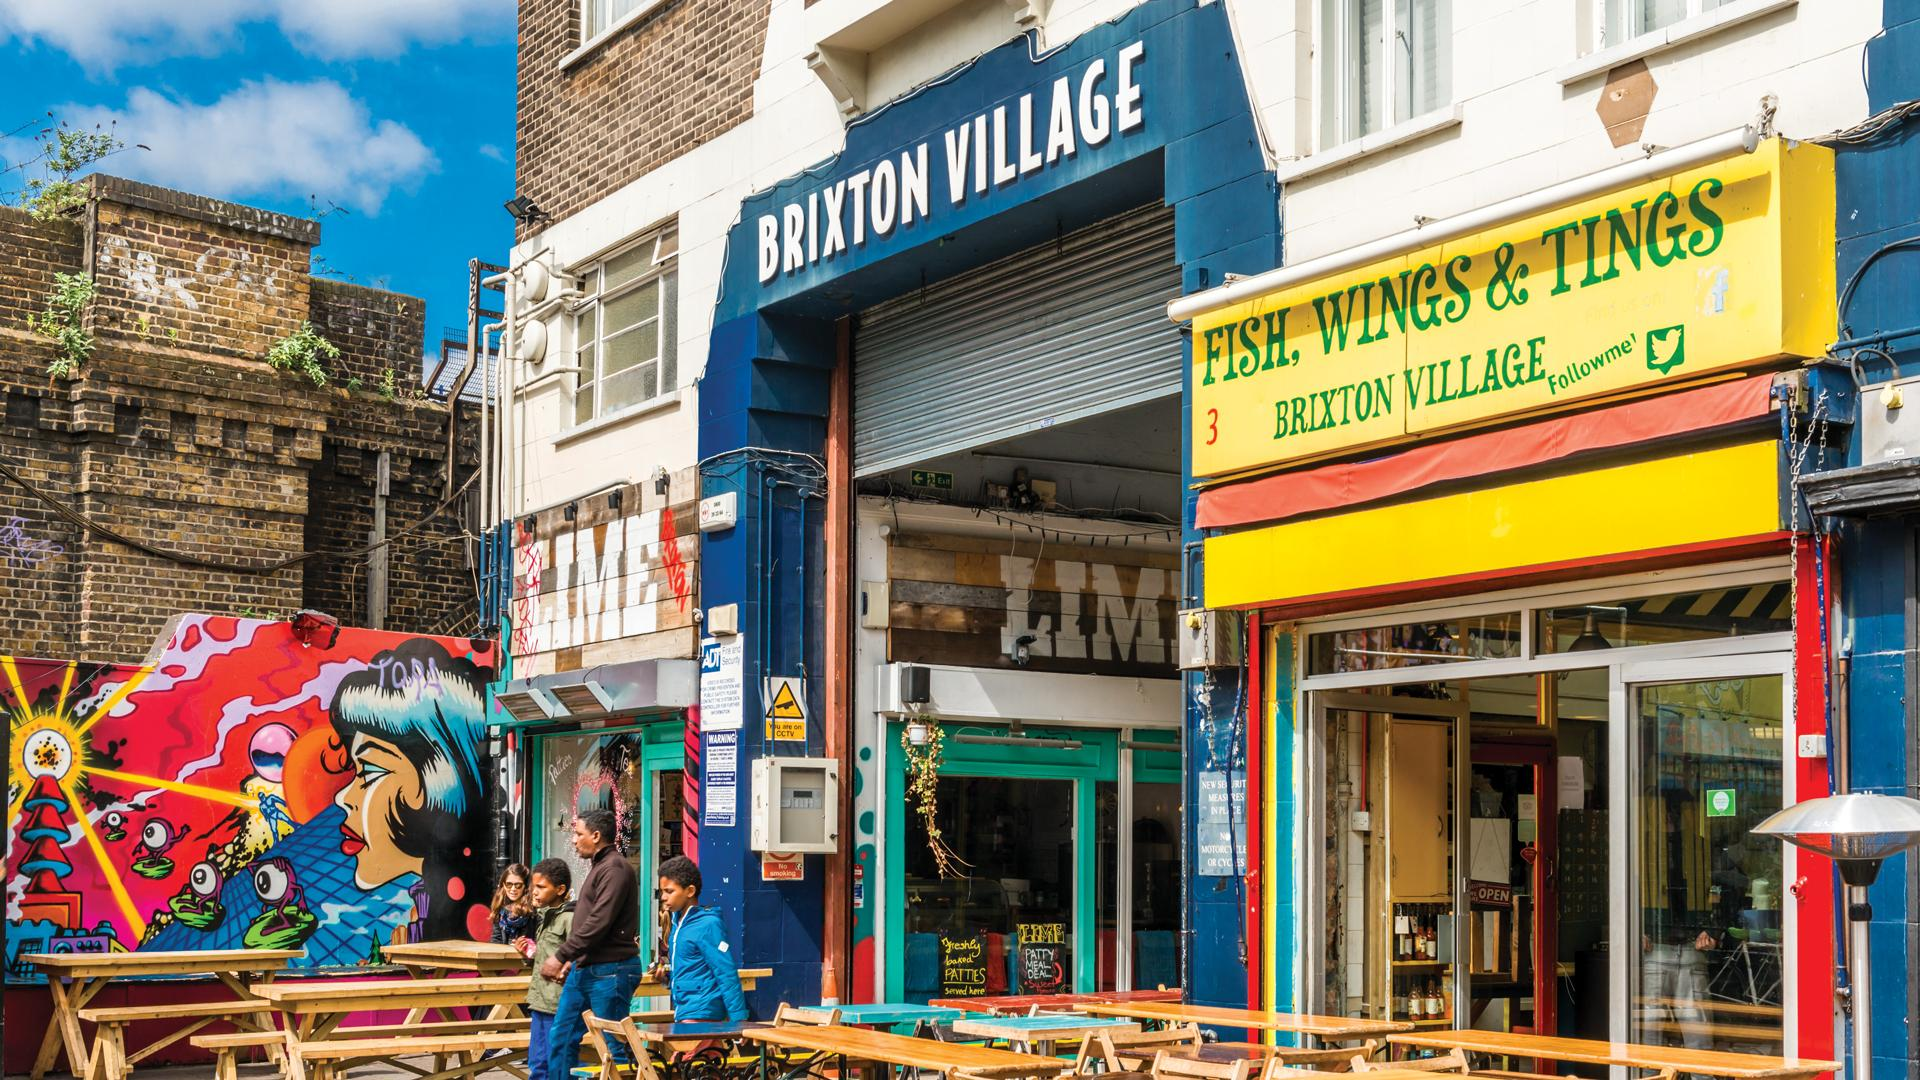 Fish, Wings and Tings at Brixton Village and Market Row, London, UK